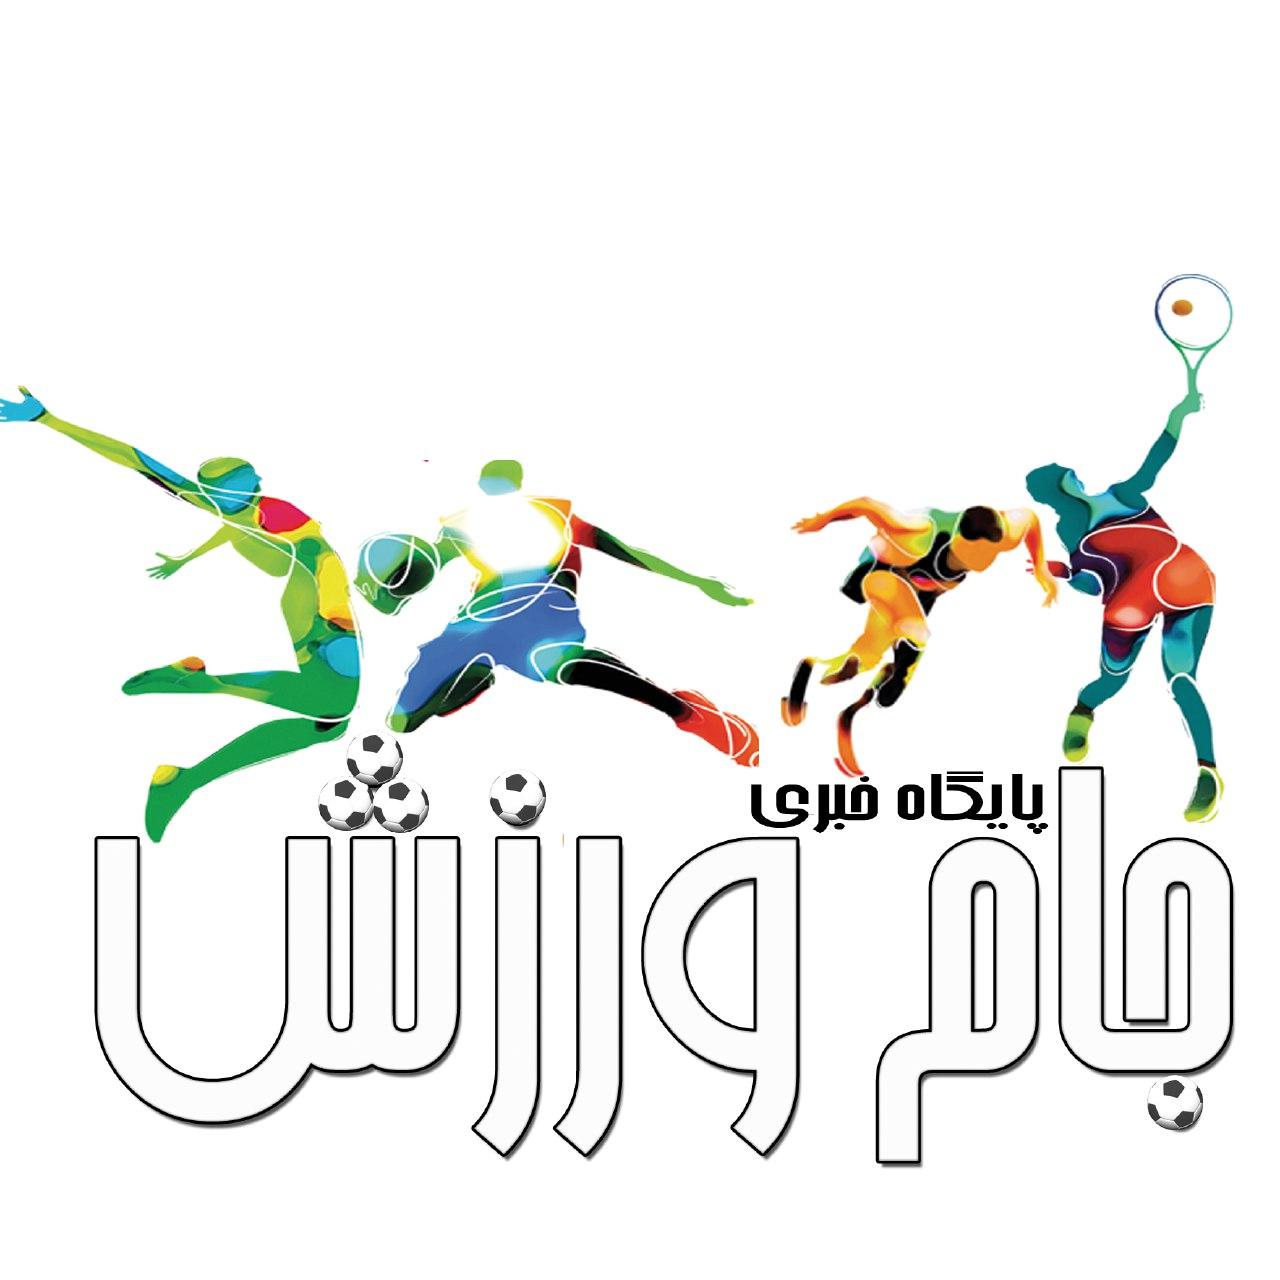 برگزاری مسابقات اتومبیلرانی(اسلالوم) بمناسبت دهه مبارک فجر در کرمانشاه